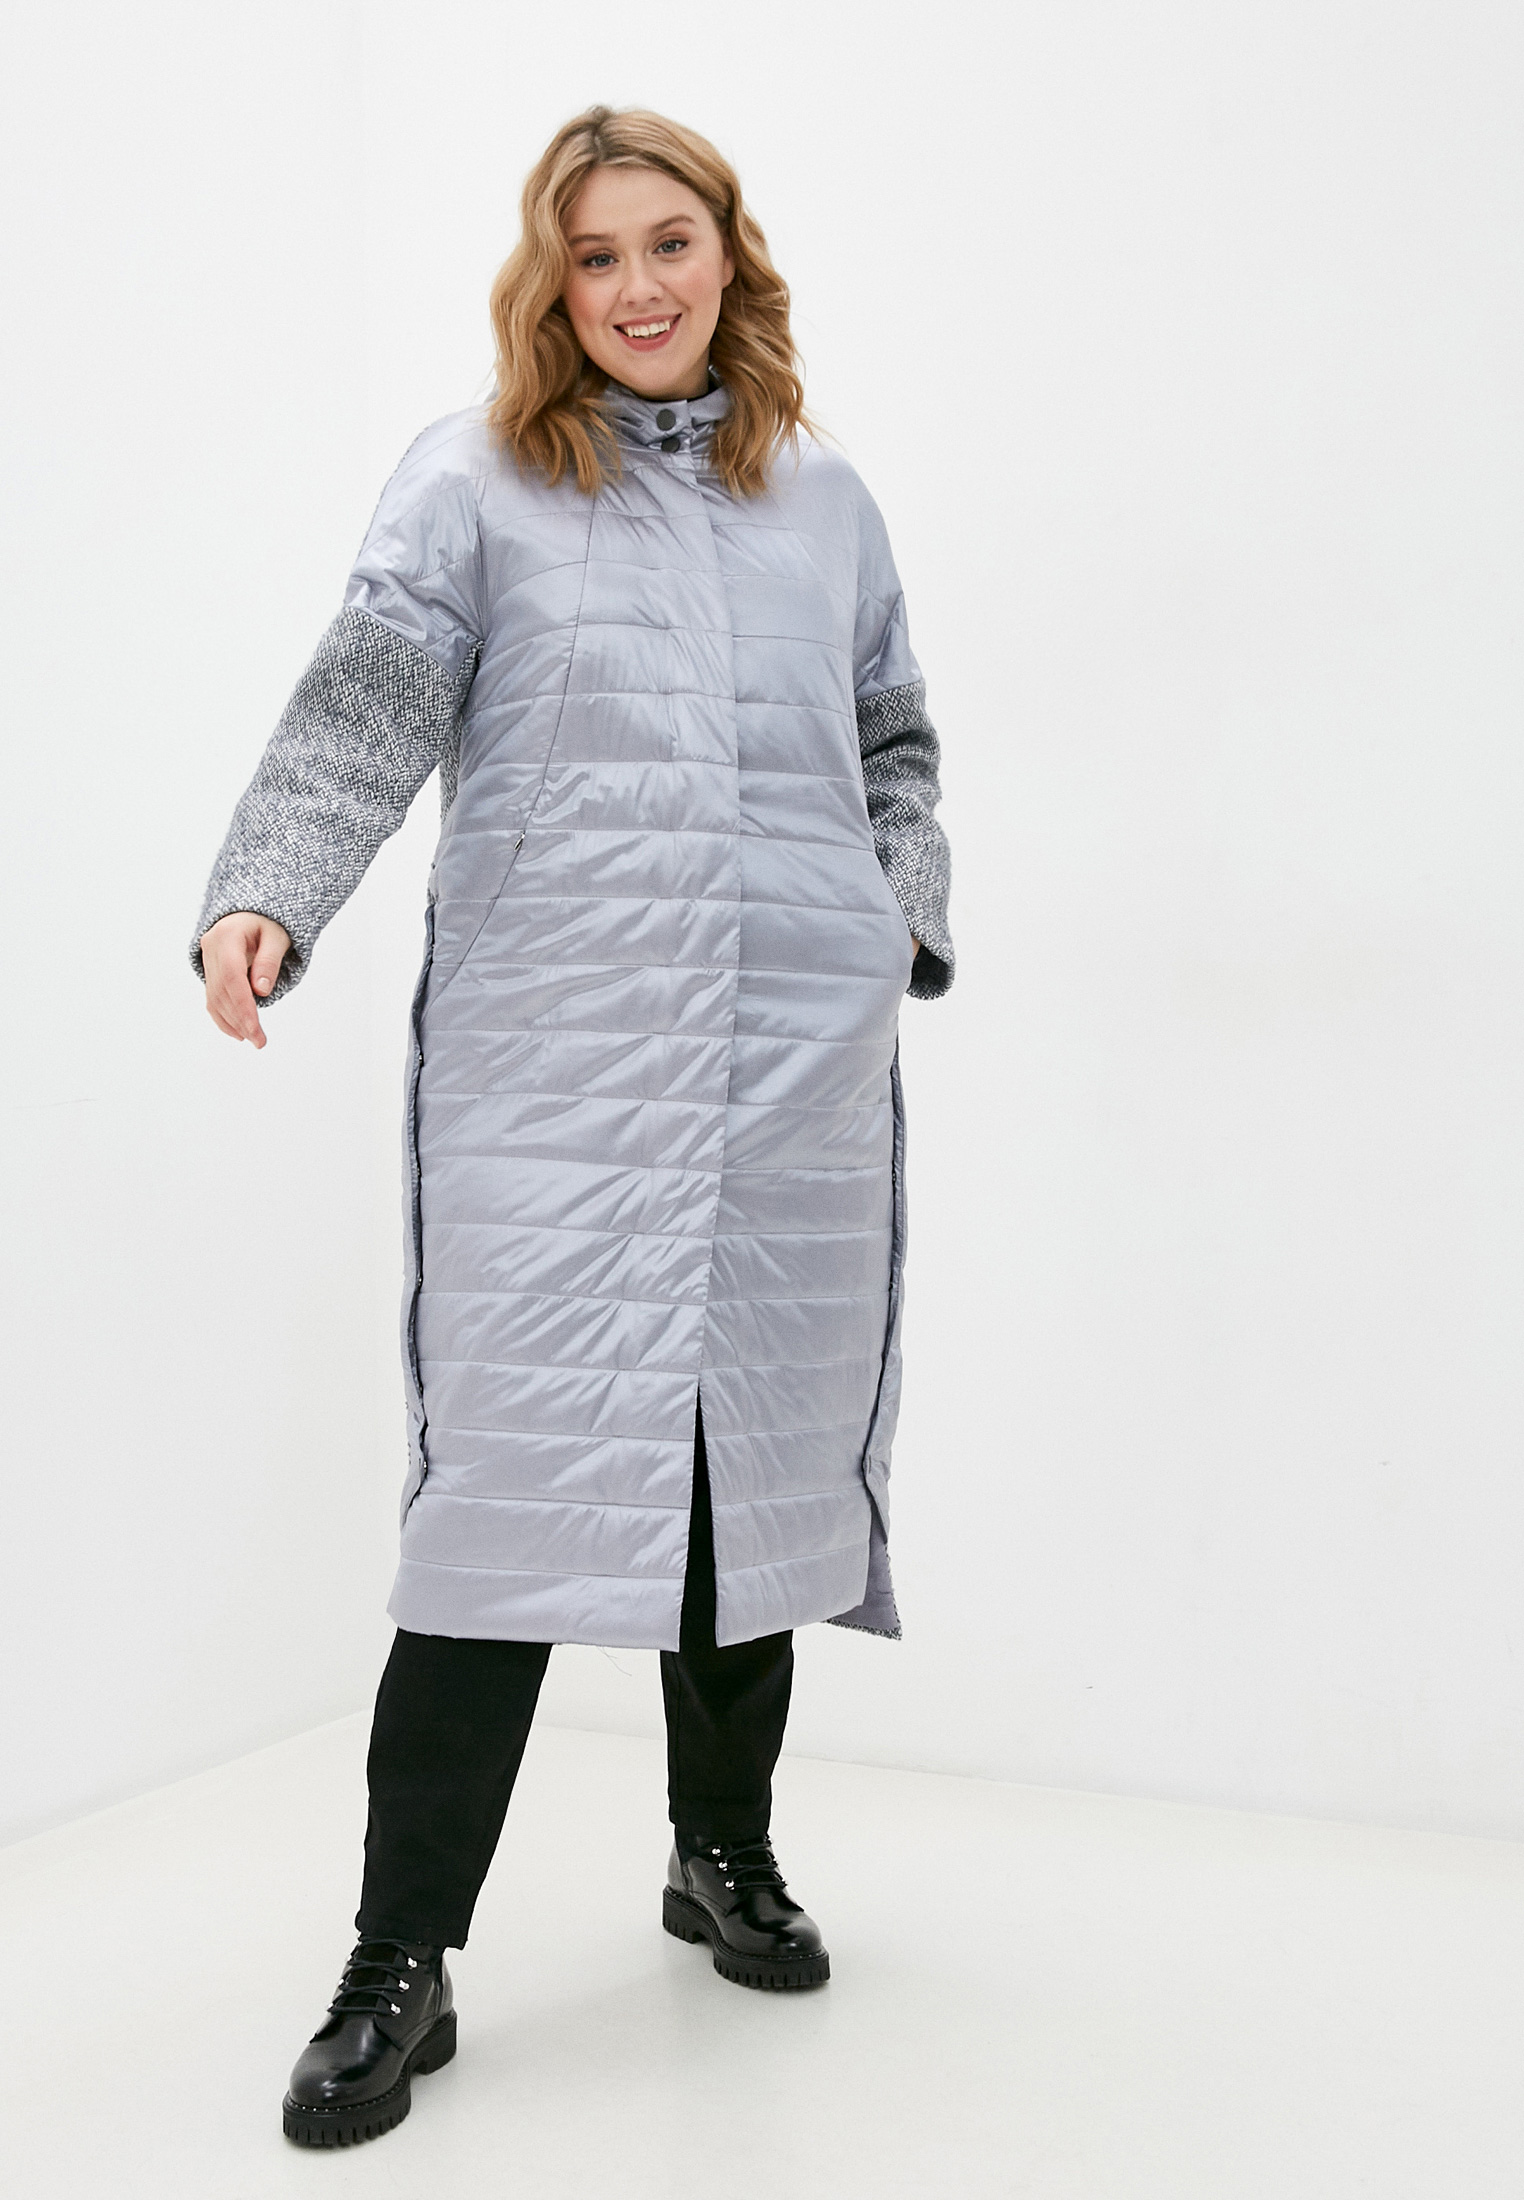 Утепленная куртка Nataliy Beate Пальто мод.132: изображение 1